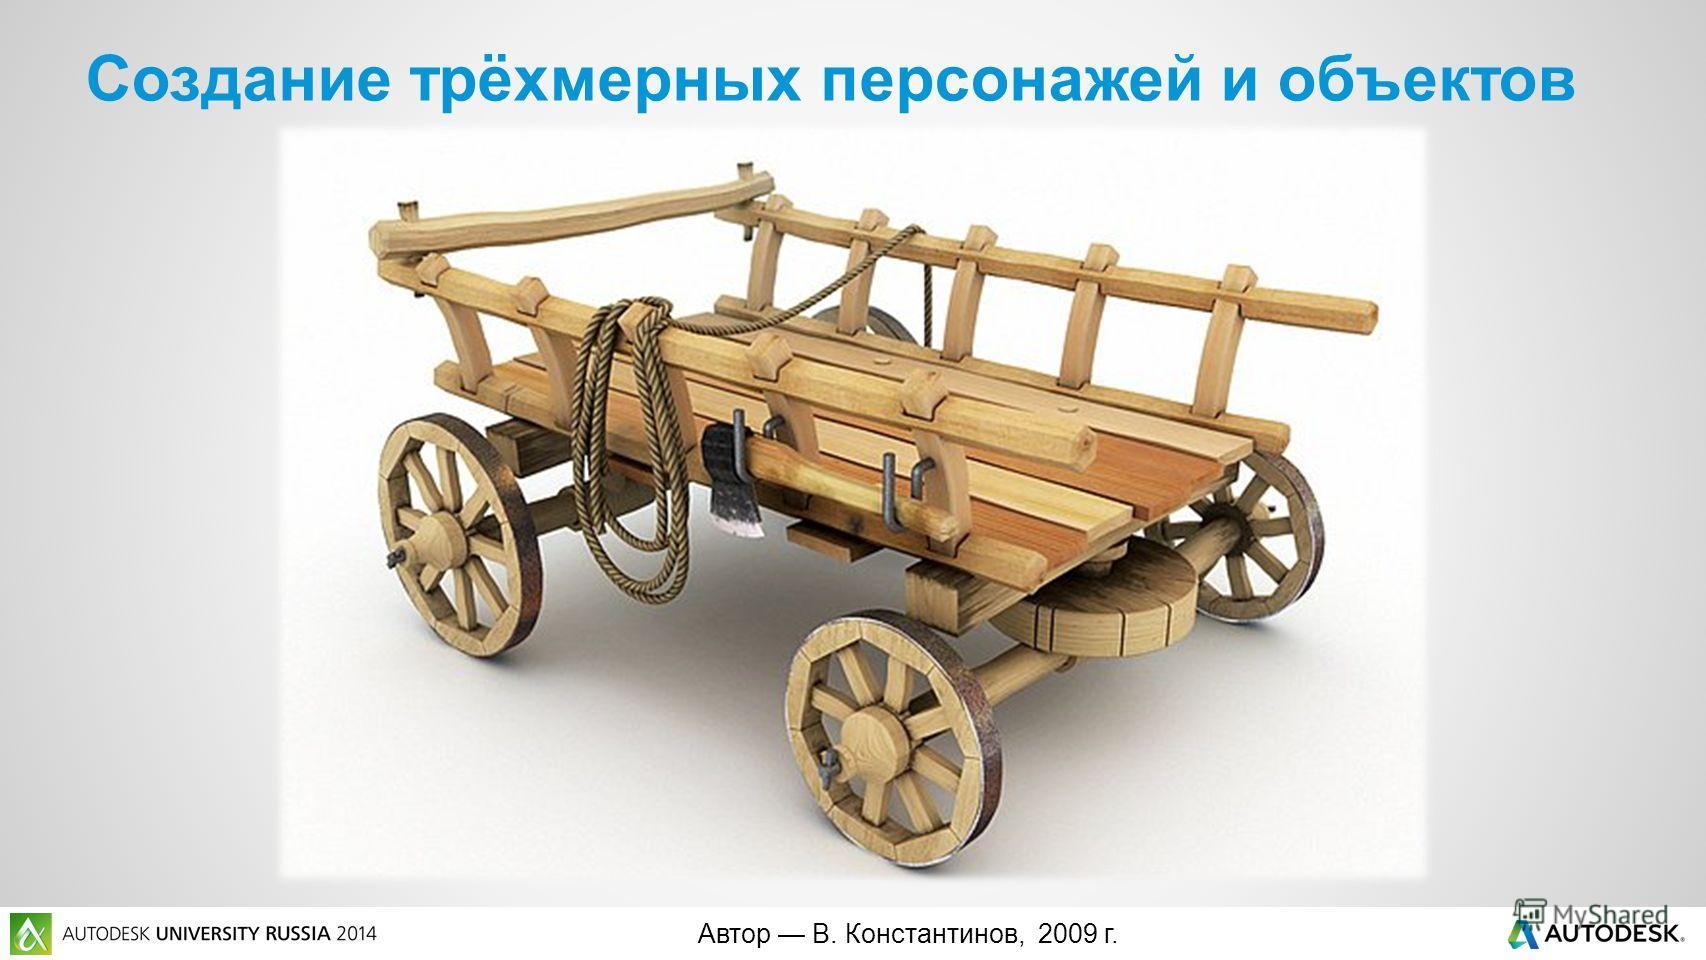 Автор В. Константинов, 2009 г. Создание трёхмерных персонажей и объектов